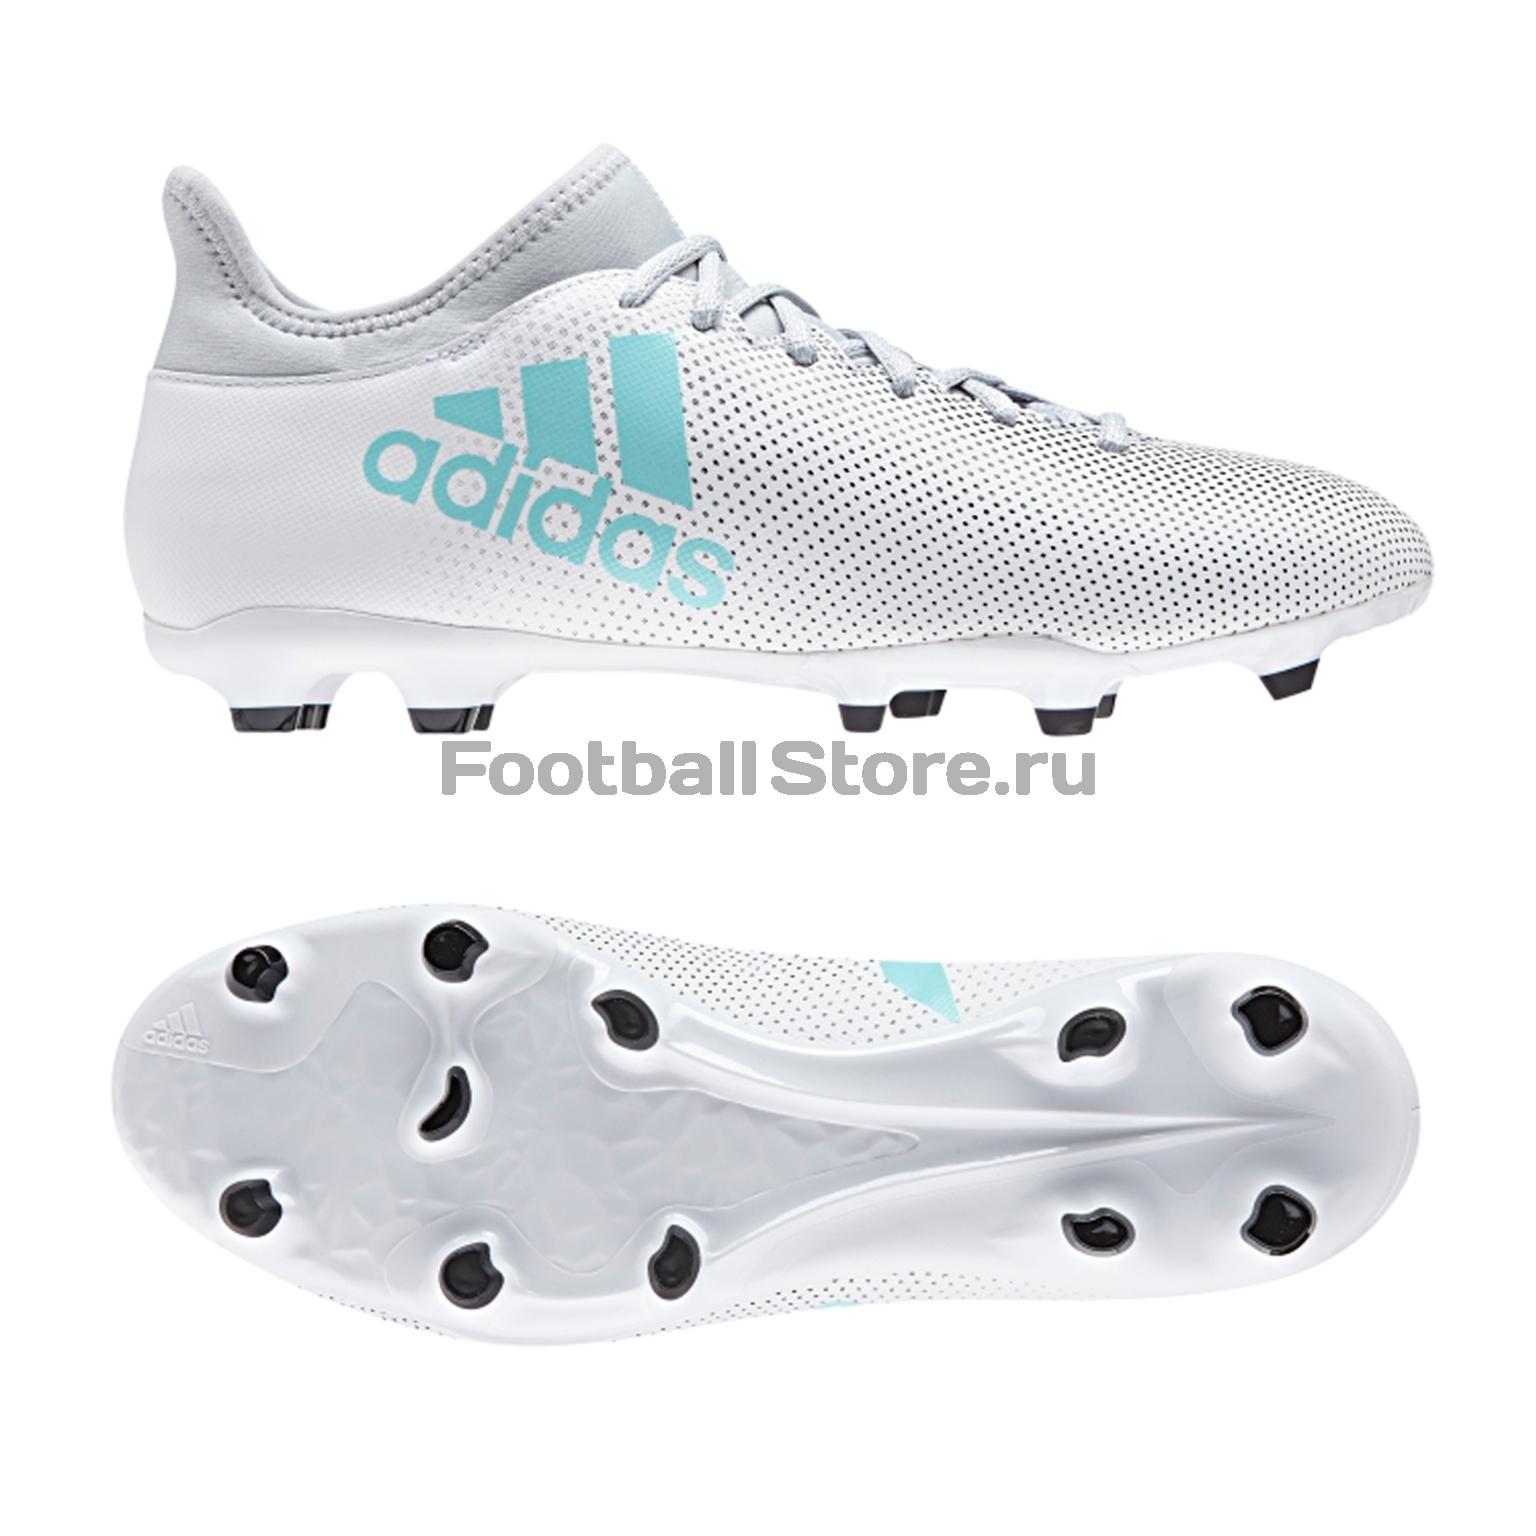 Игровые бутсы Adidas Бутсы Adidas X 17.3 FG S82362